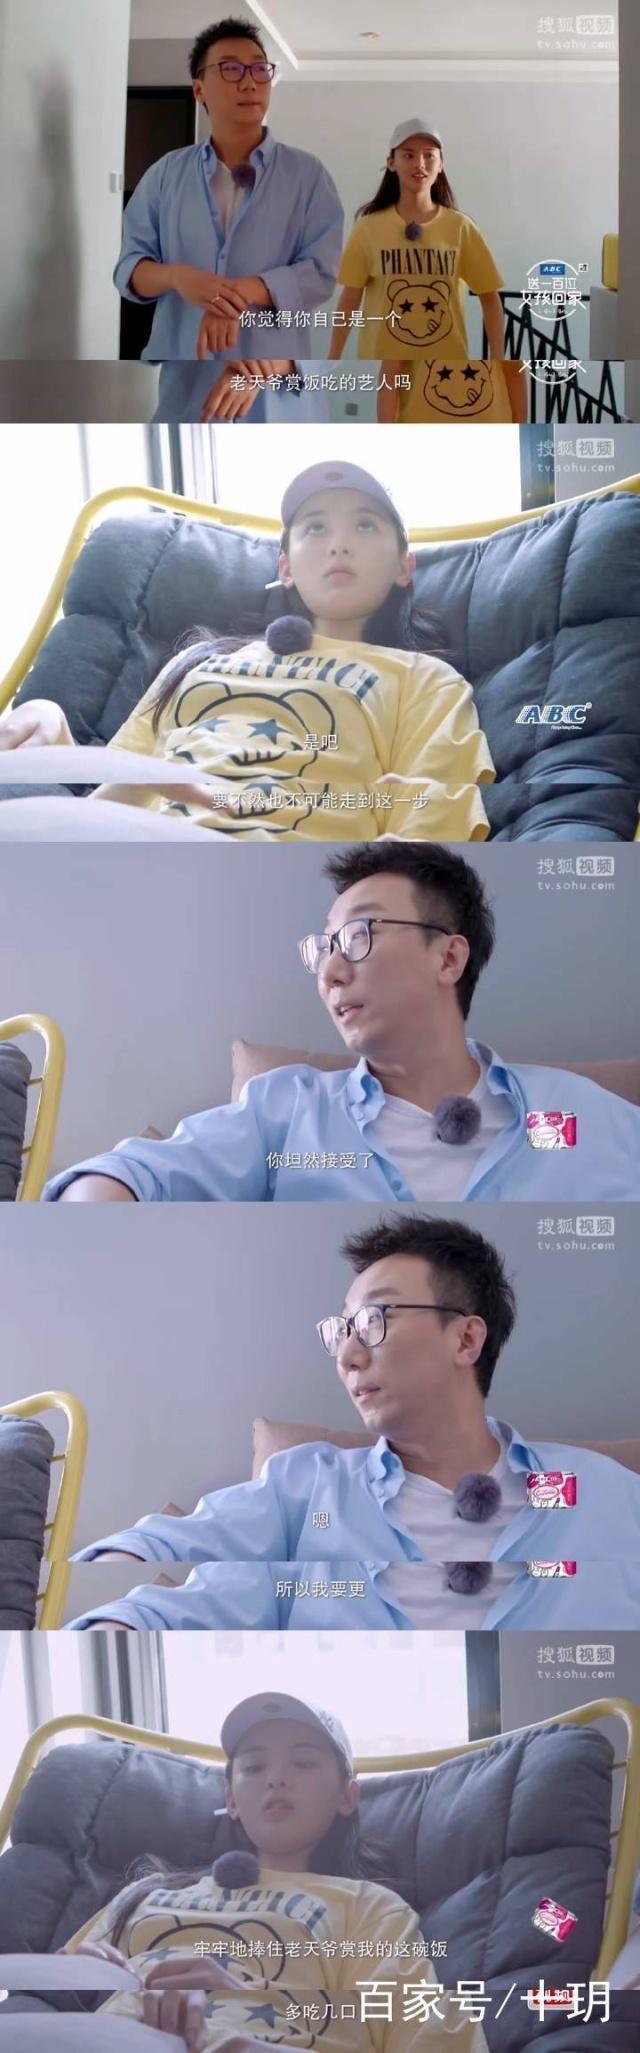 杨超越拥有超强语言天赋,初中学历却频出金句